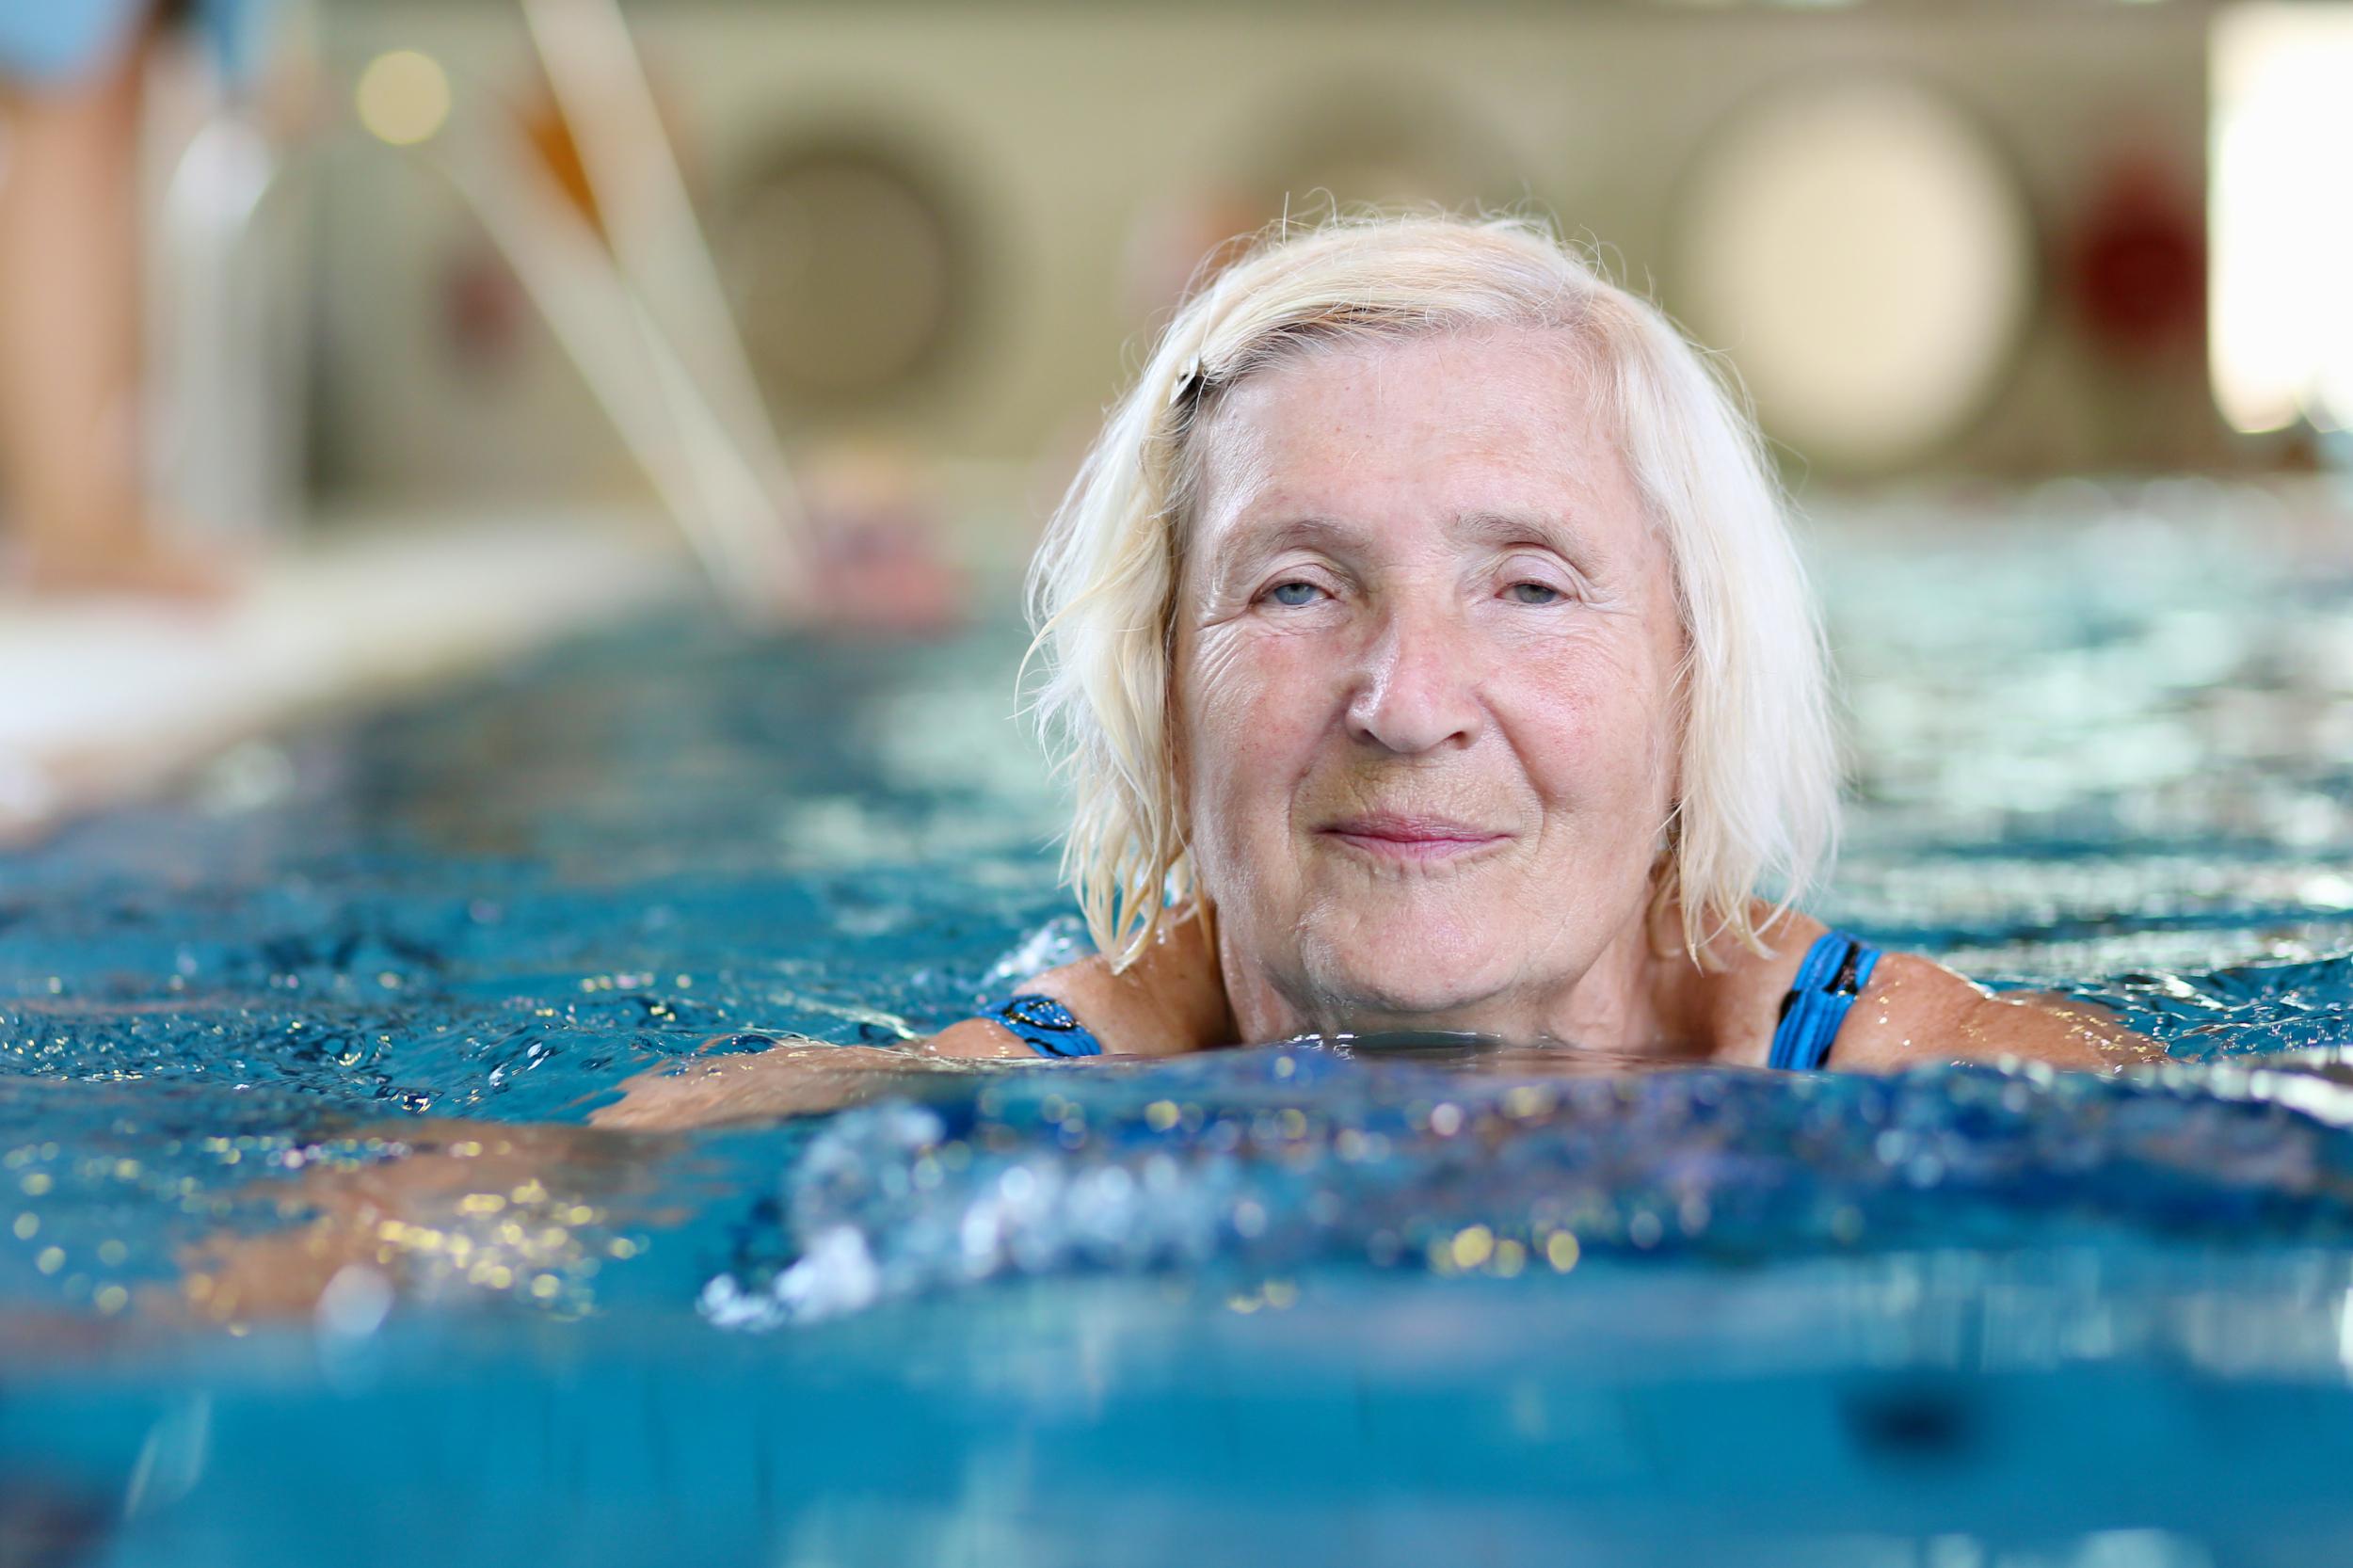 Ny finsk studie visar att rätt kost, motion och minnesträning kan förebygga försvagad tanke- och minnesfunktion.